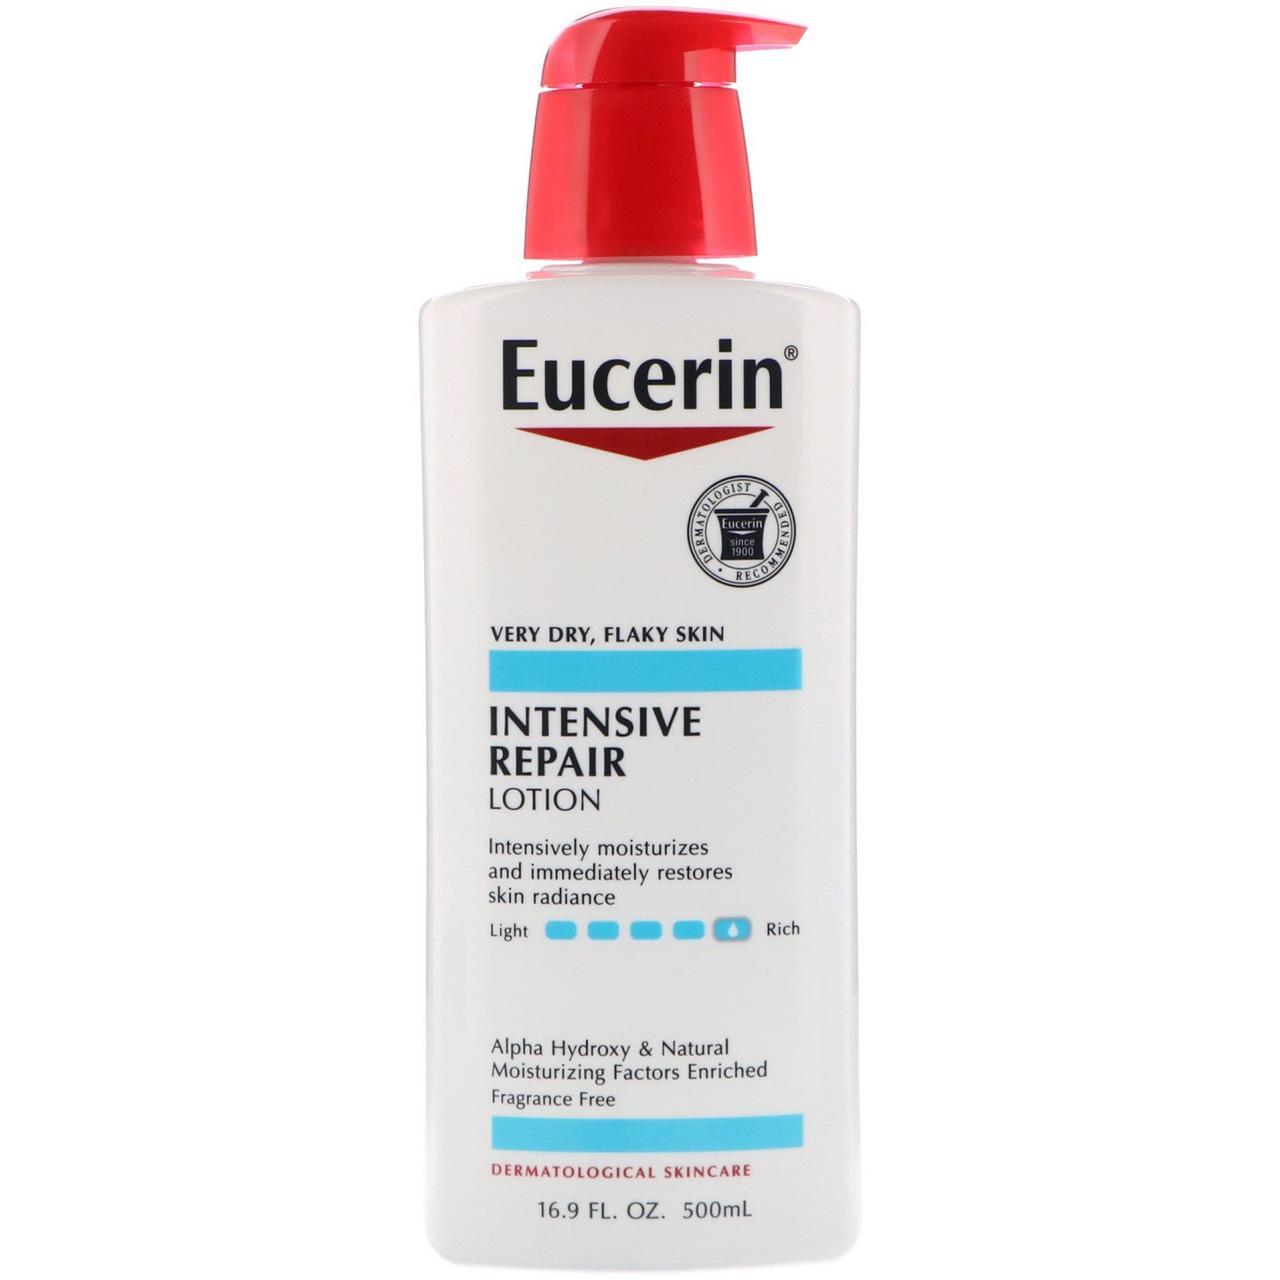 Лосьон для очень сухой кожи, Eucerin, 500 мл